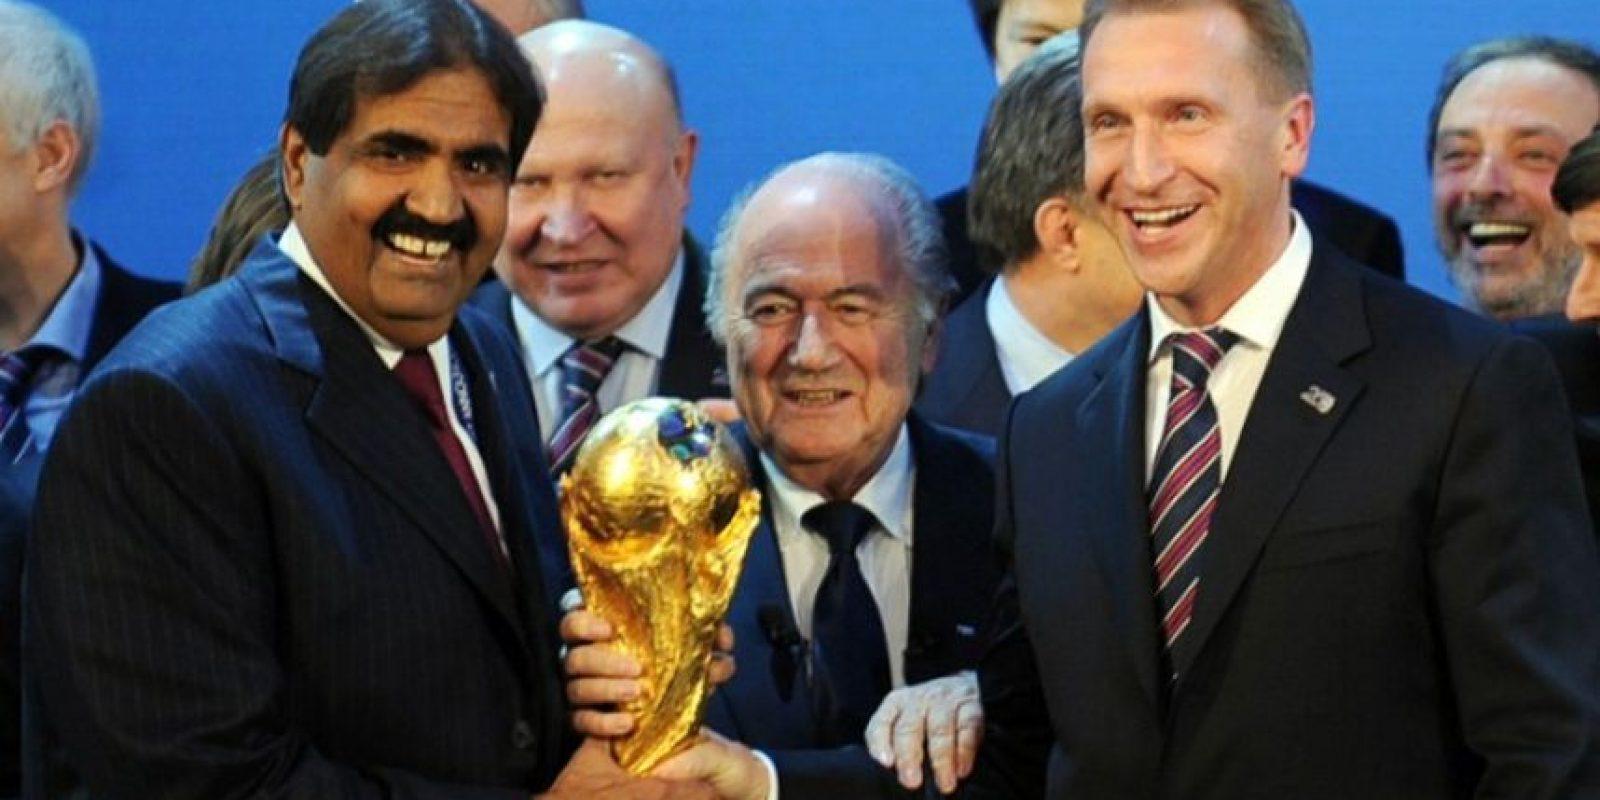 Sí. Blatter podría arrepentirse de su renuncia y terminar los cuatro años para los que acaba de ser reelegido. Ya sucedió en 2011, cuando comentó que no terminaría su mandato y lo hizo. Foto:AFP